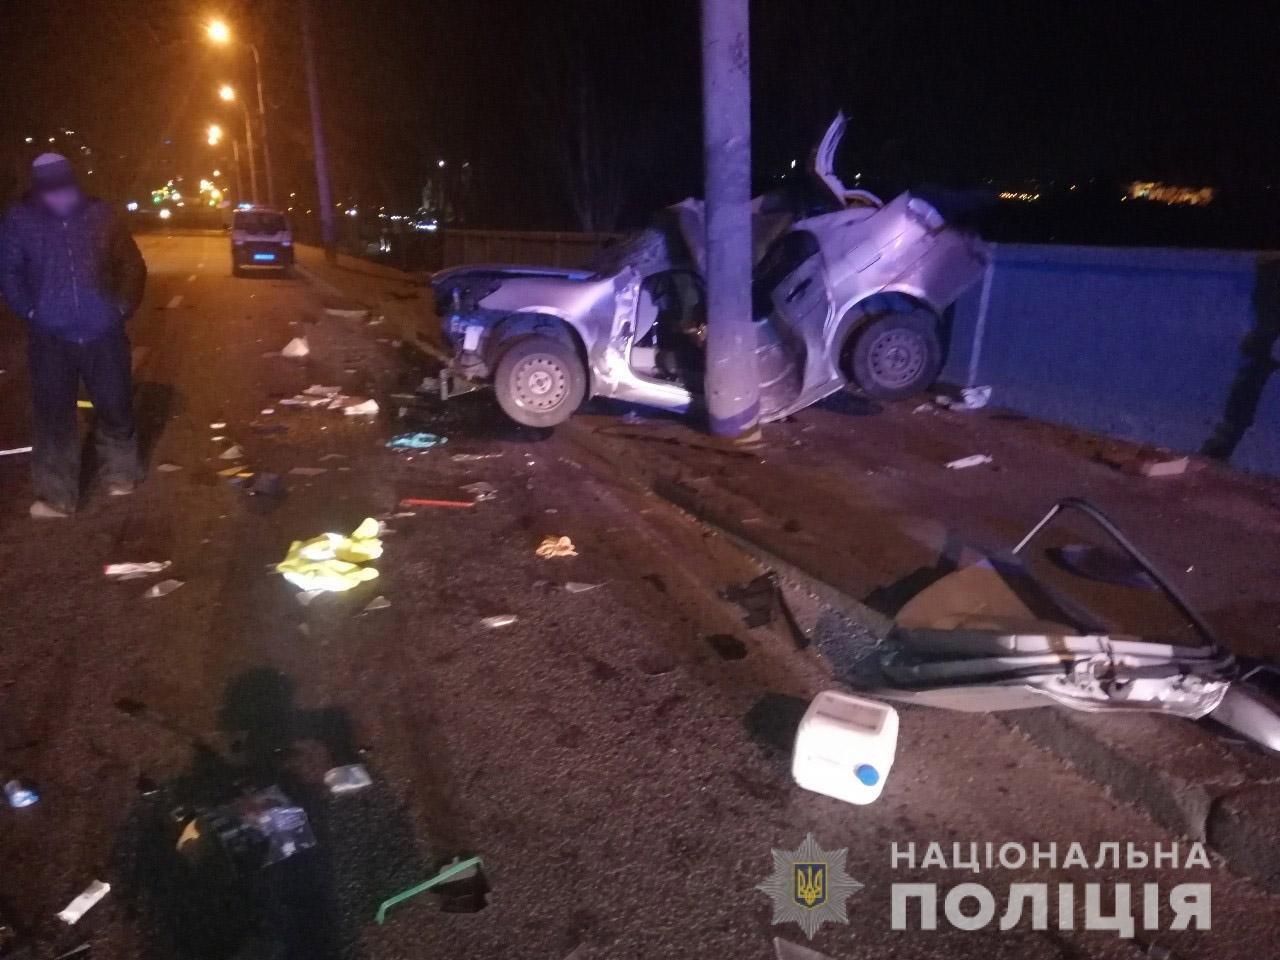 В Харькове «Hyundai» влетел в столб: спасатели вырезали травмированного водителя из «смятого» авто, - ФОТО, фото-3